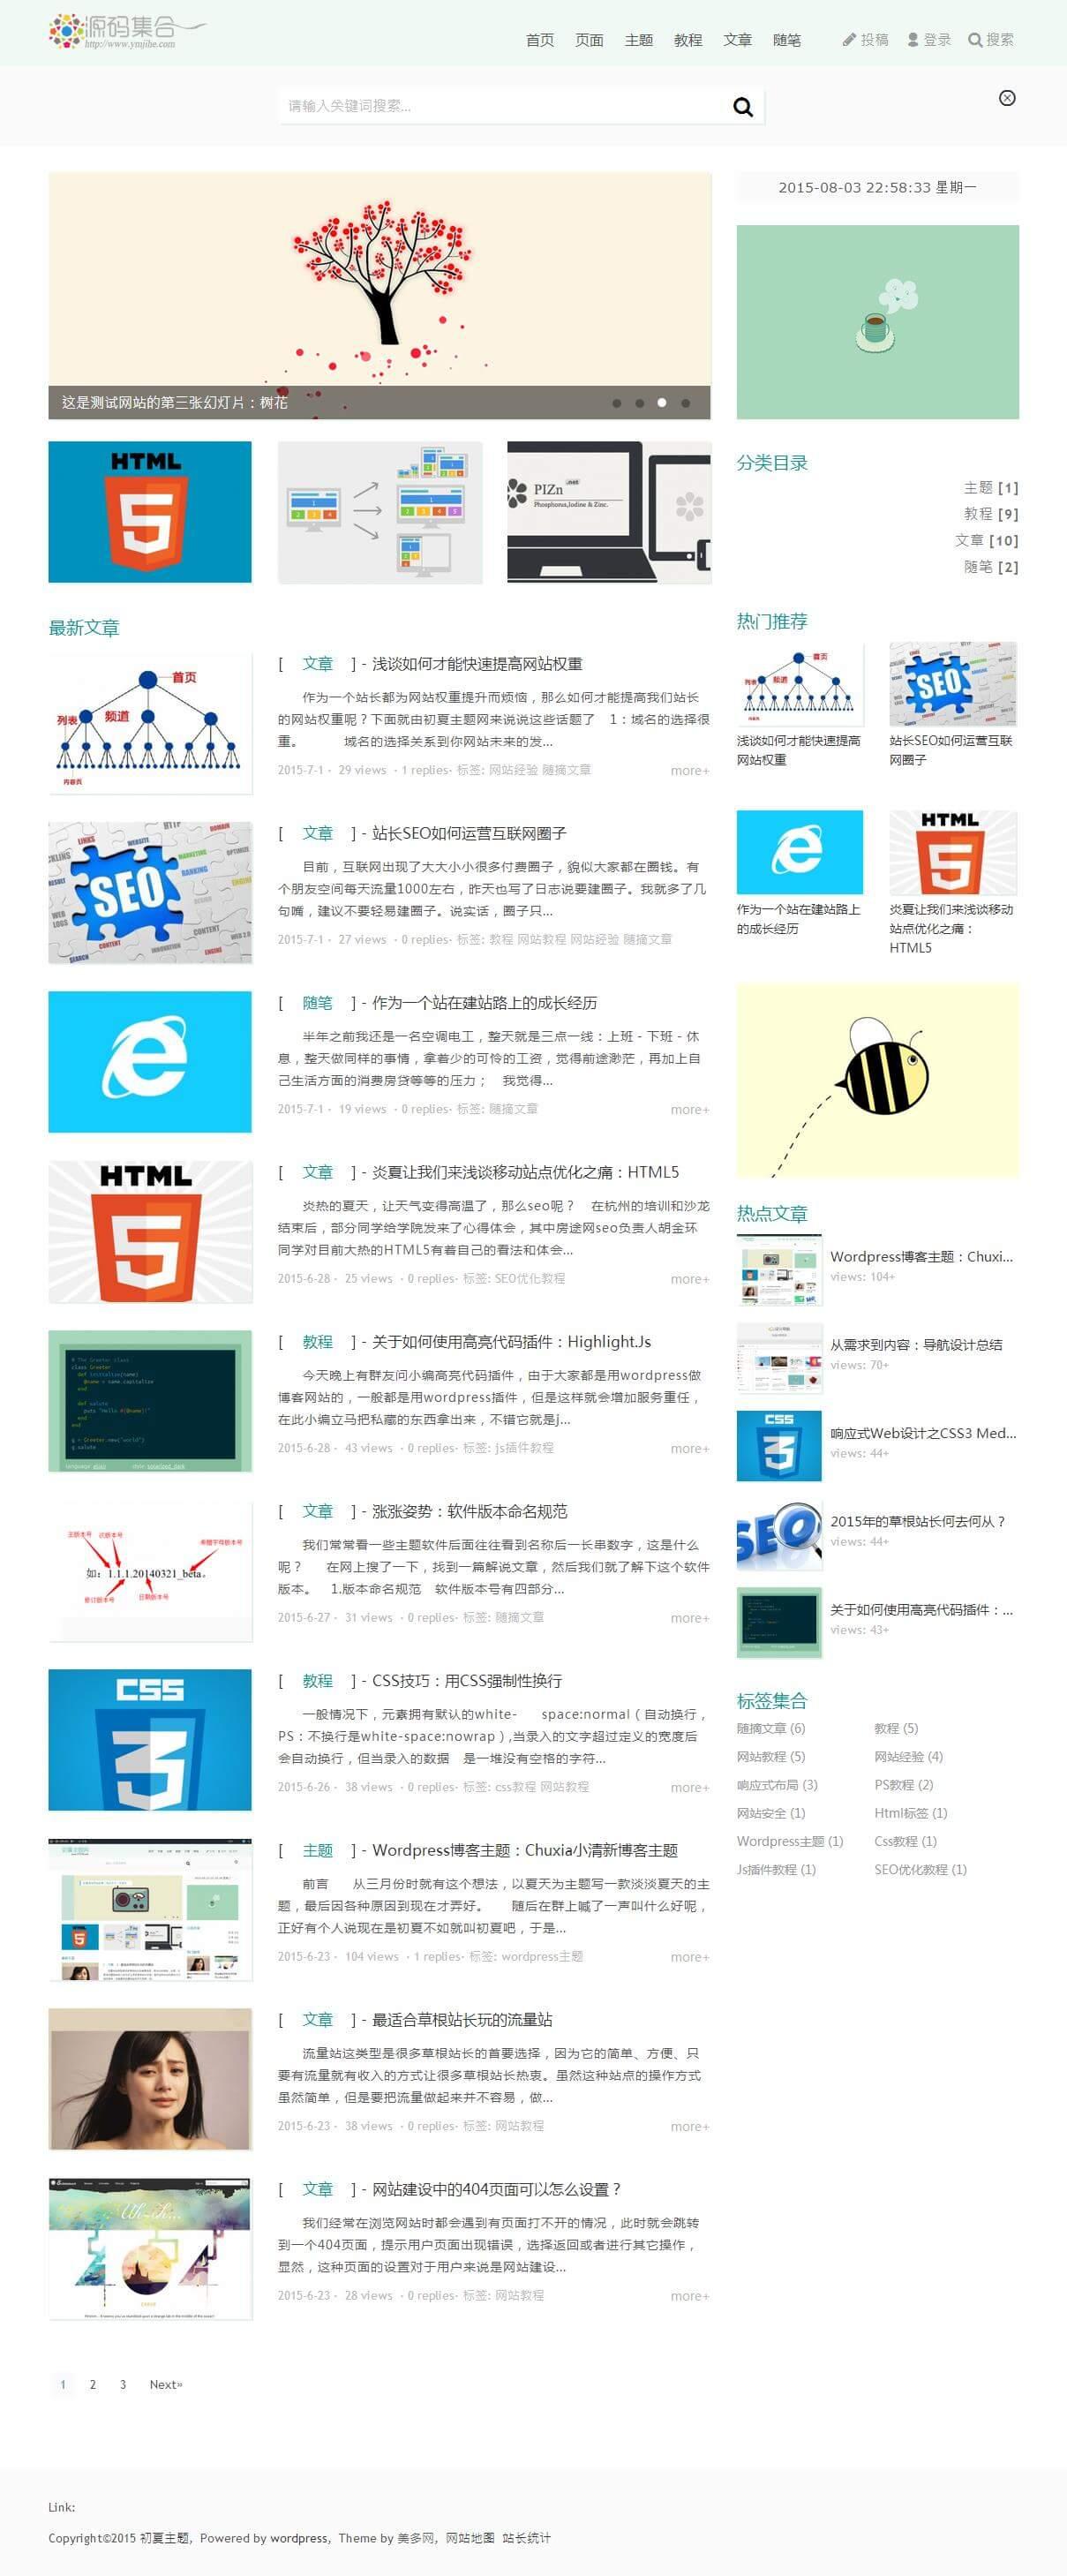 WordPress博客主题:小清新风格chuxia响应式主题分享